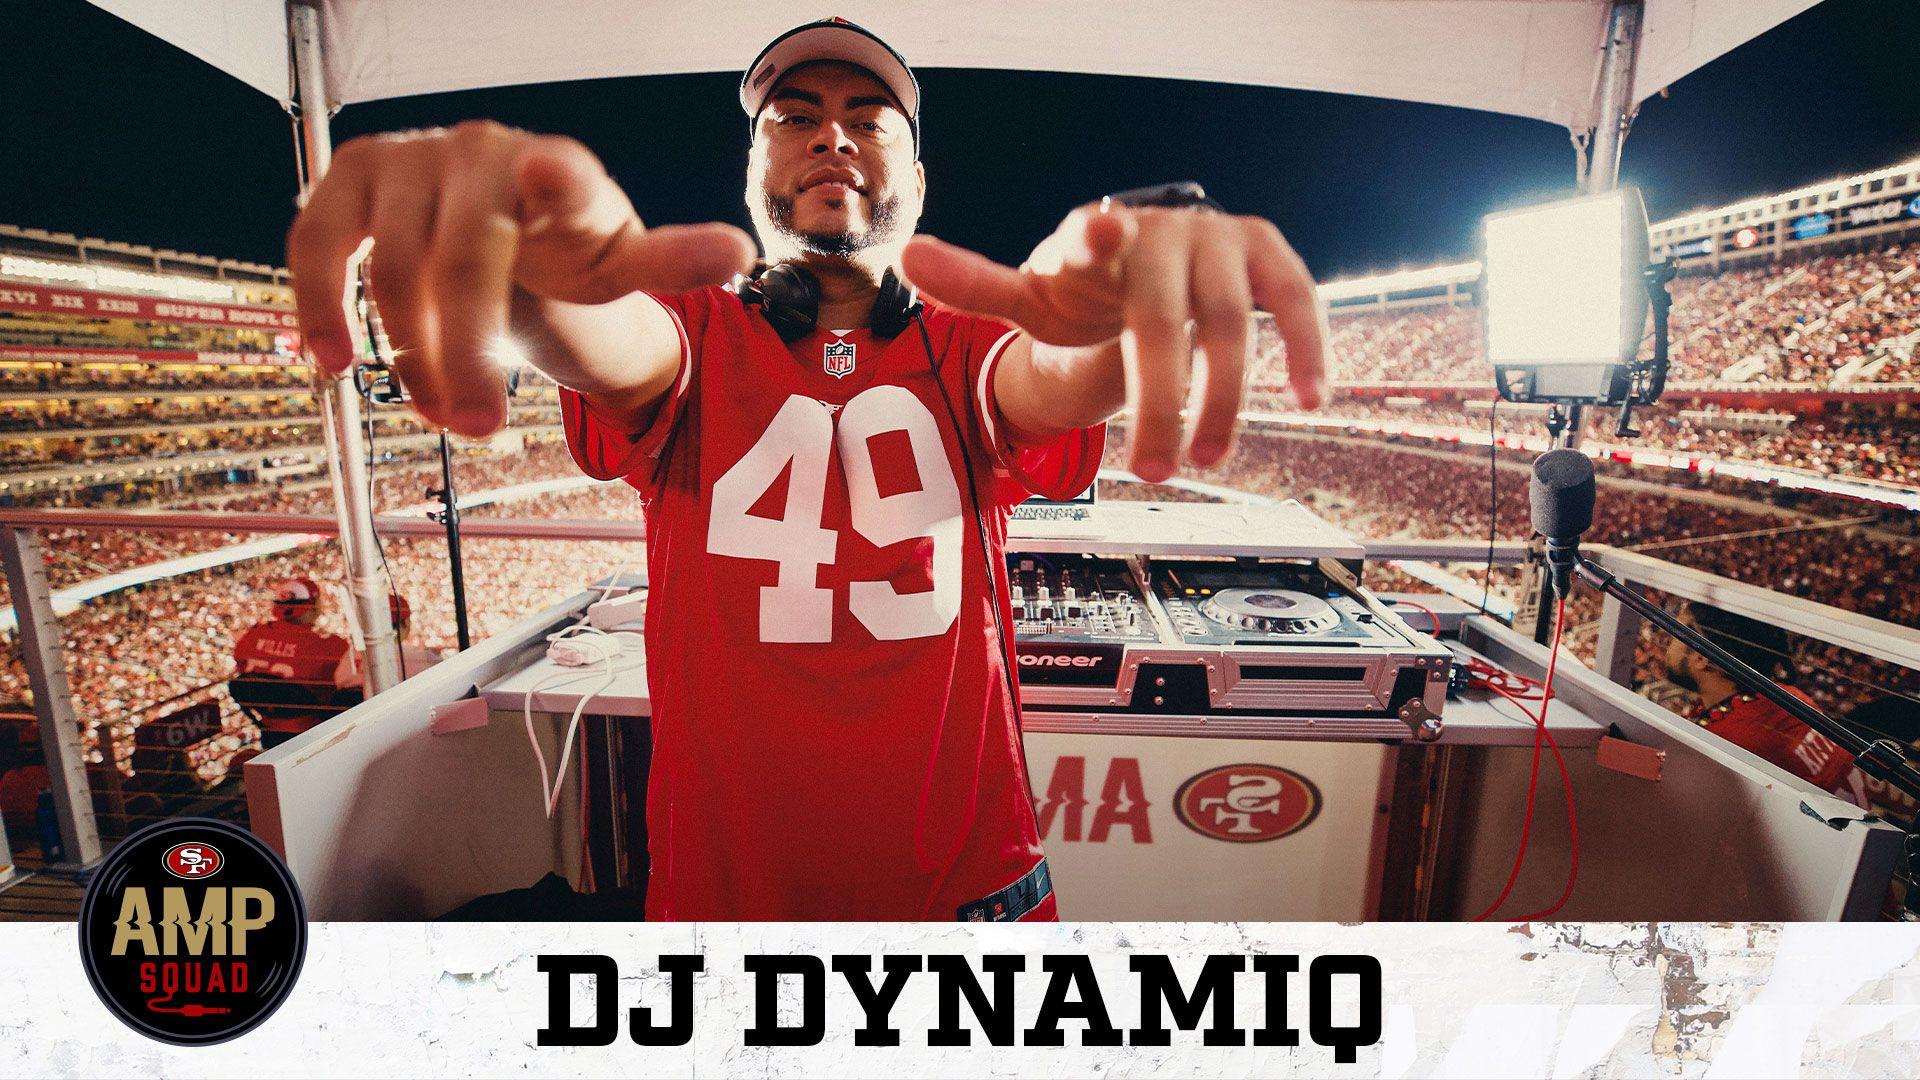 AmpSquad-Bio-DJDynamiq